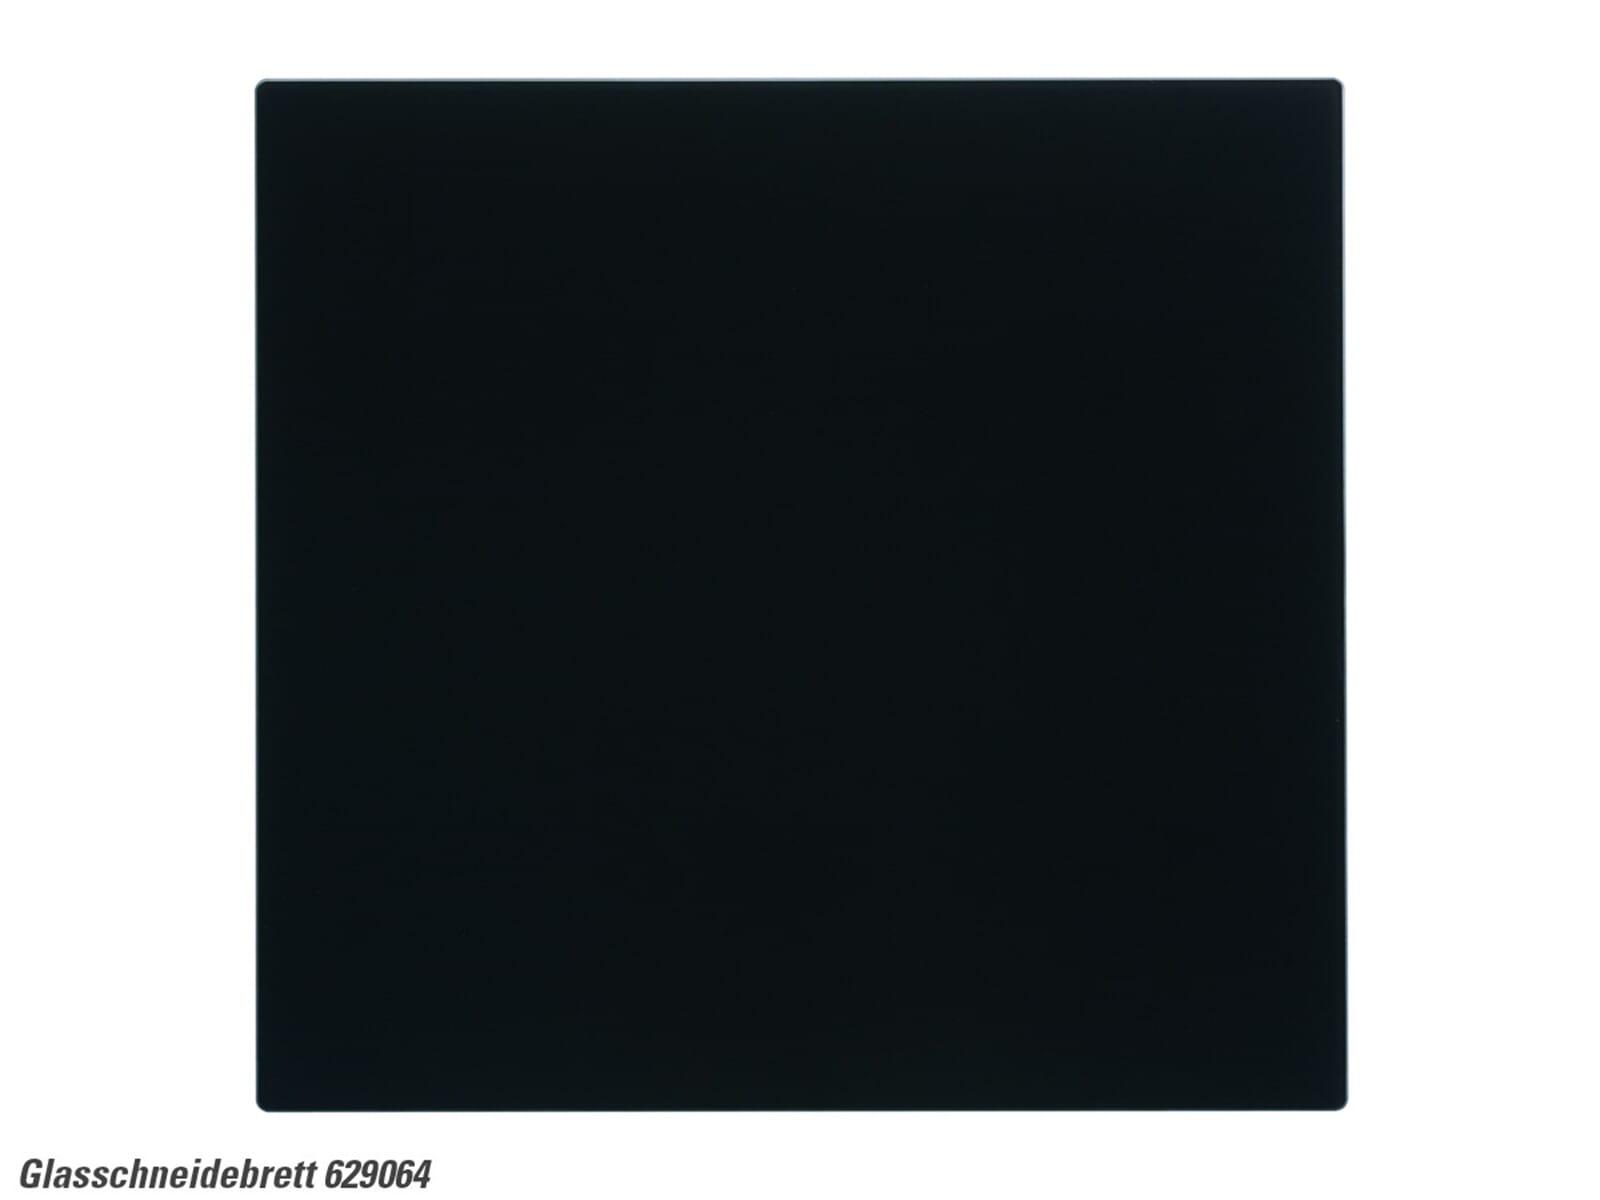 Schock 629064 Glasschneidebrett schwarz